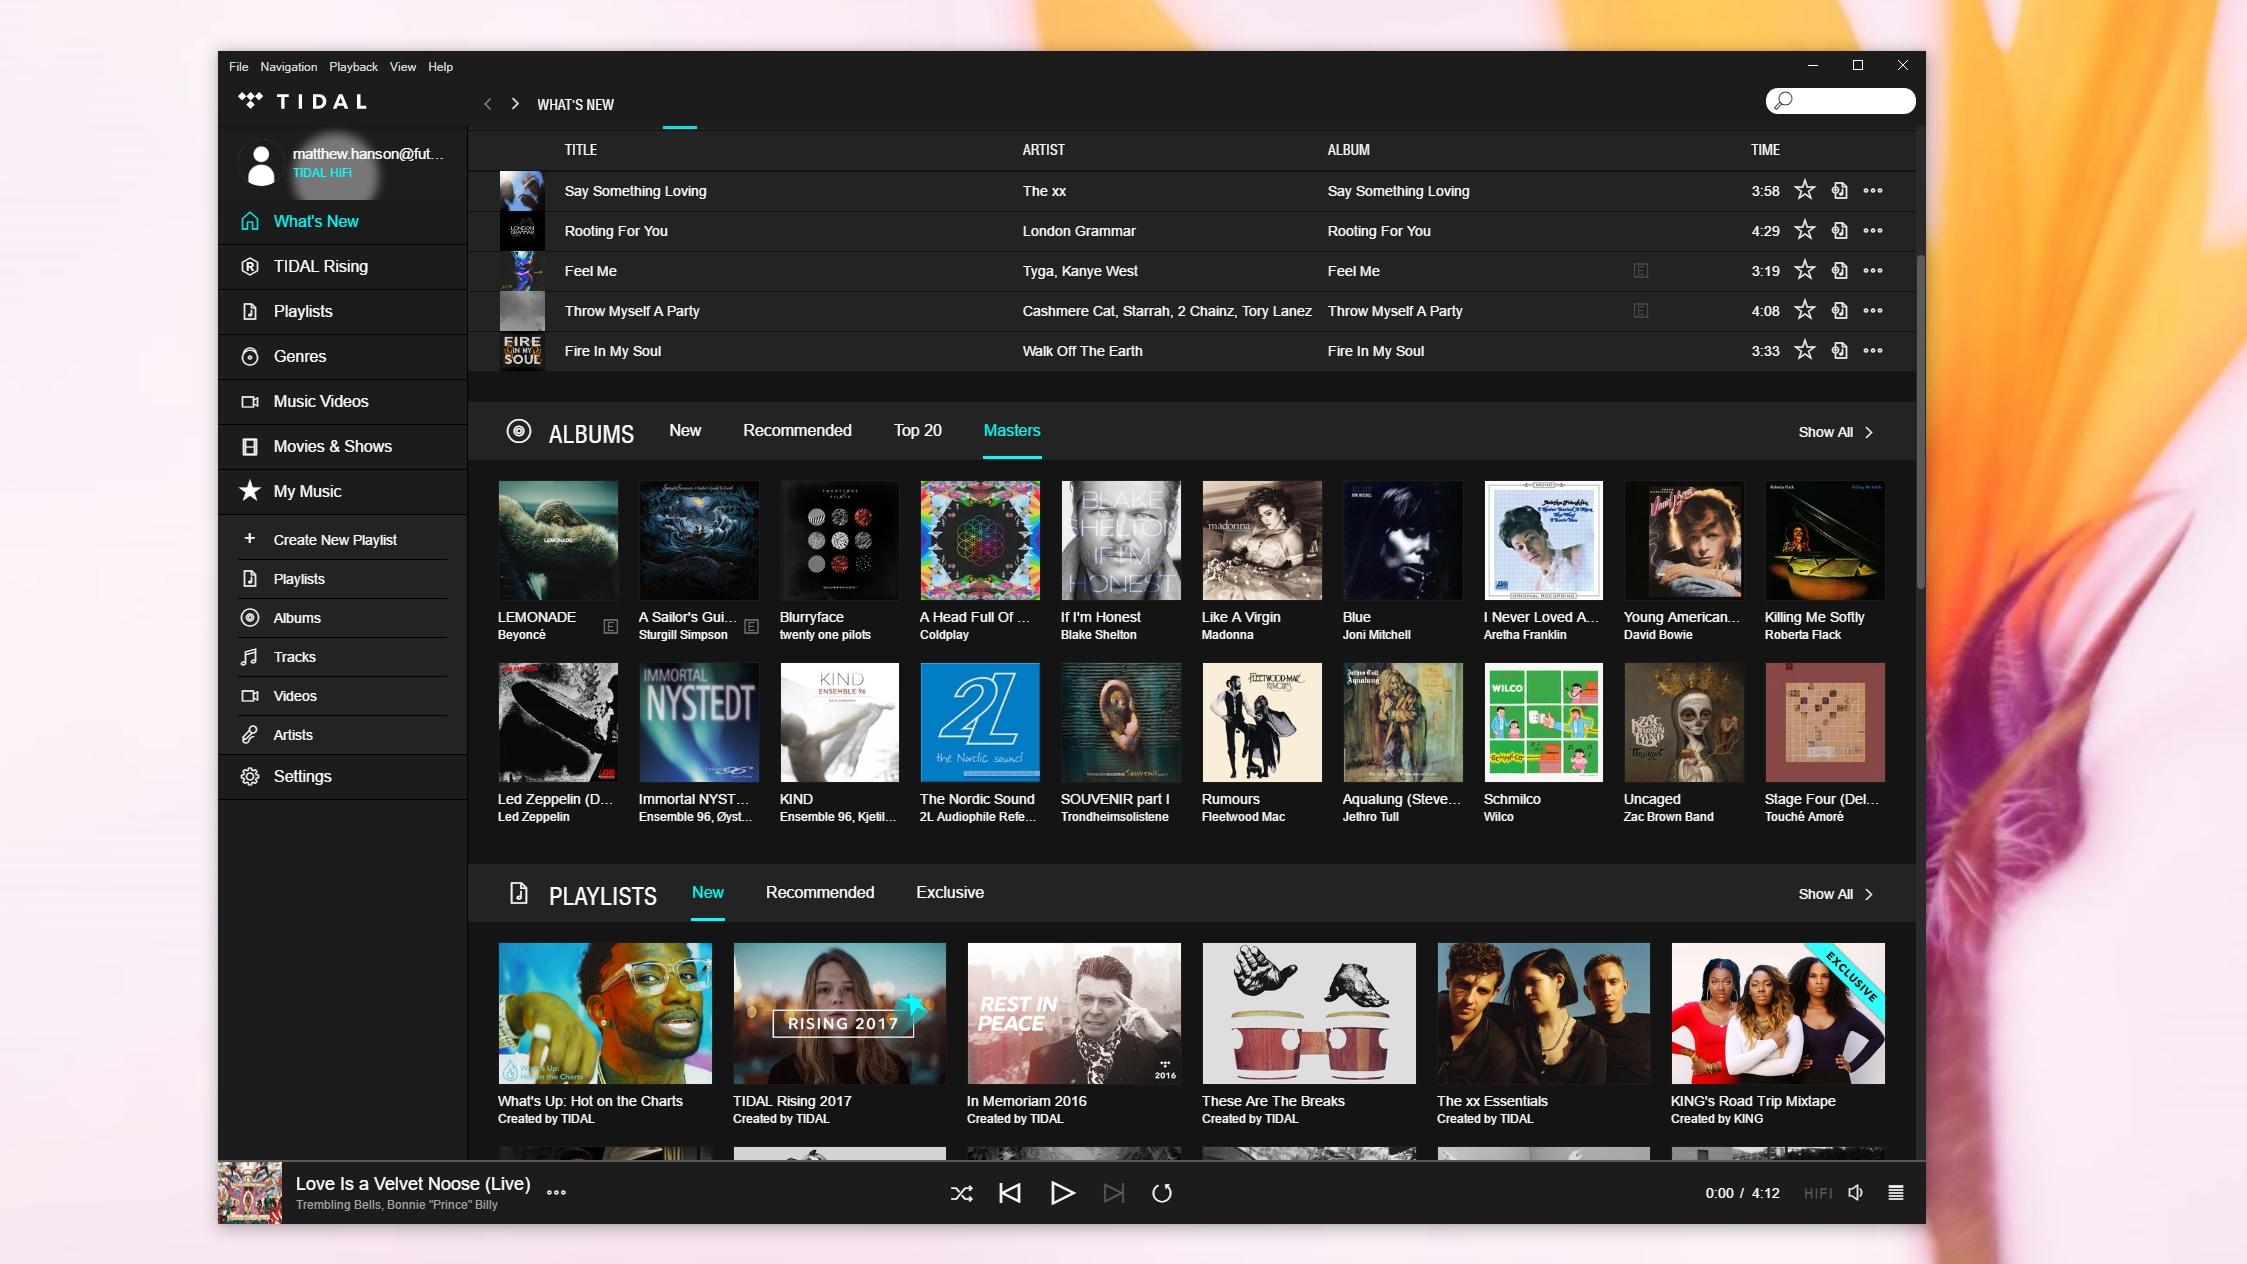 Tidal (vyššie) používa podobné rozhranie založené na dlaždiciach ako Spotify.